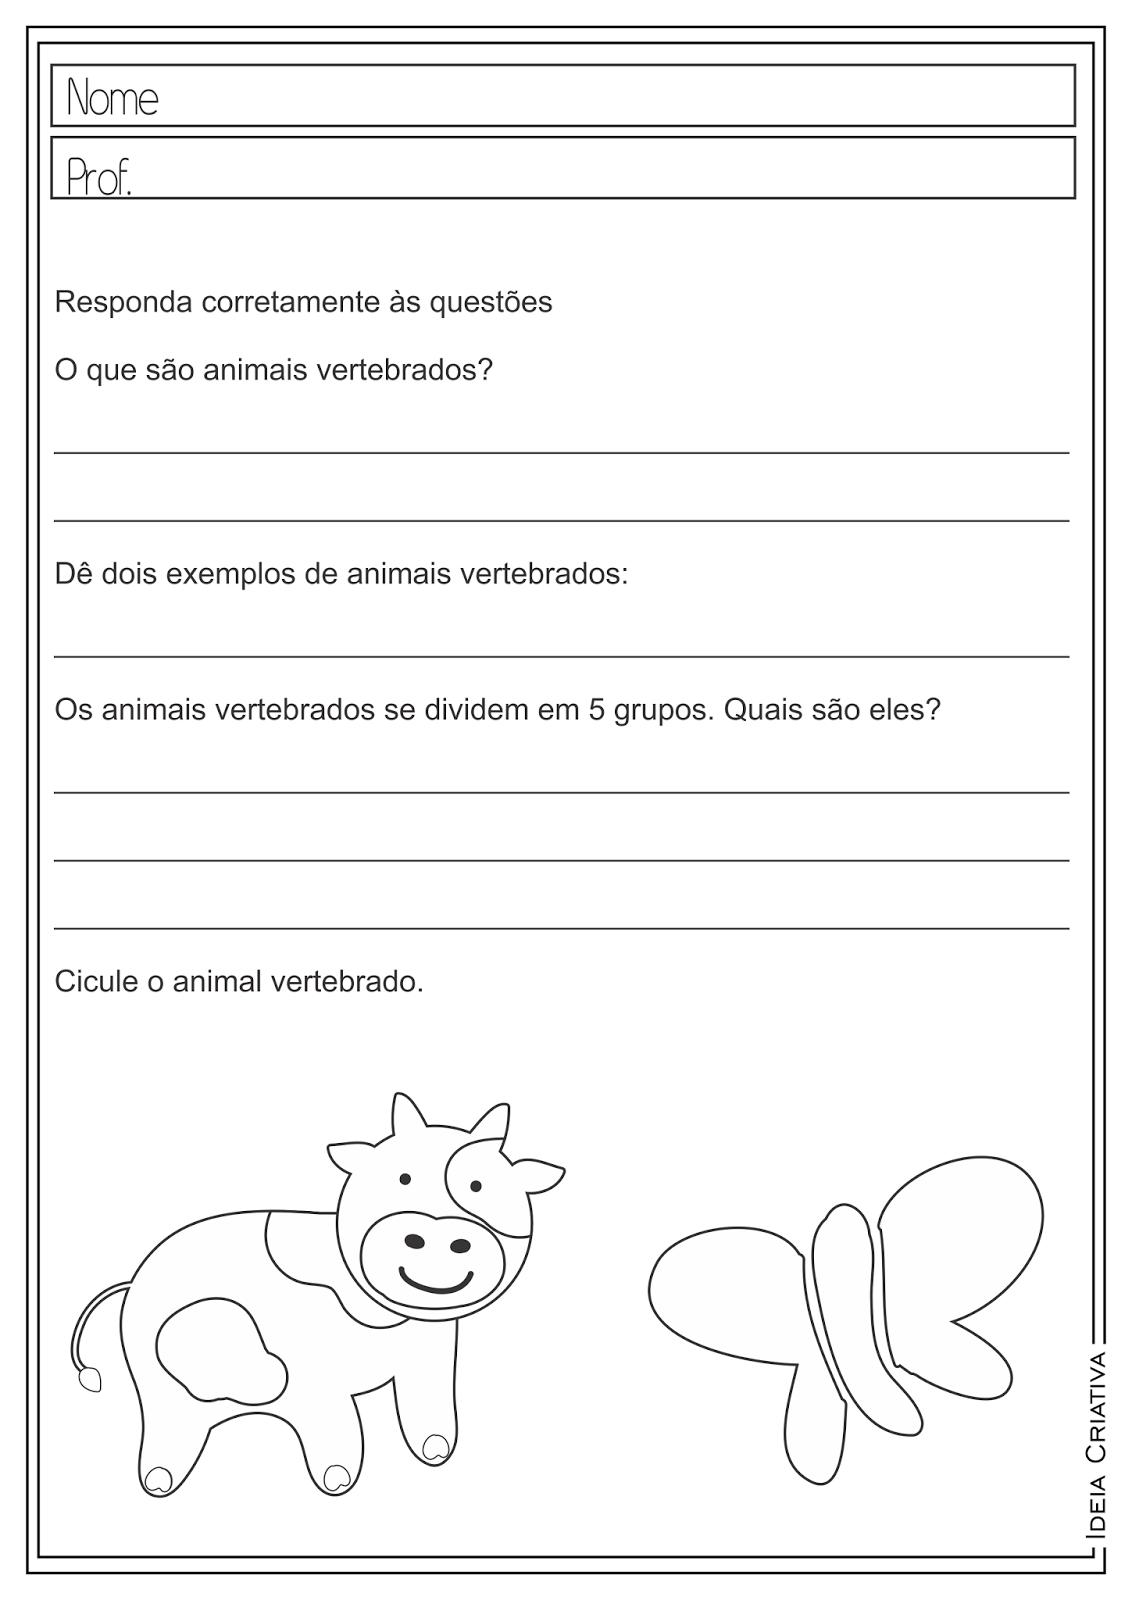 Atividades Educativas Ciências Animais Vertebrados para Ensino Fundamental